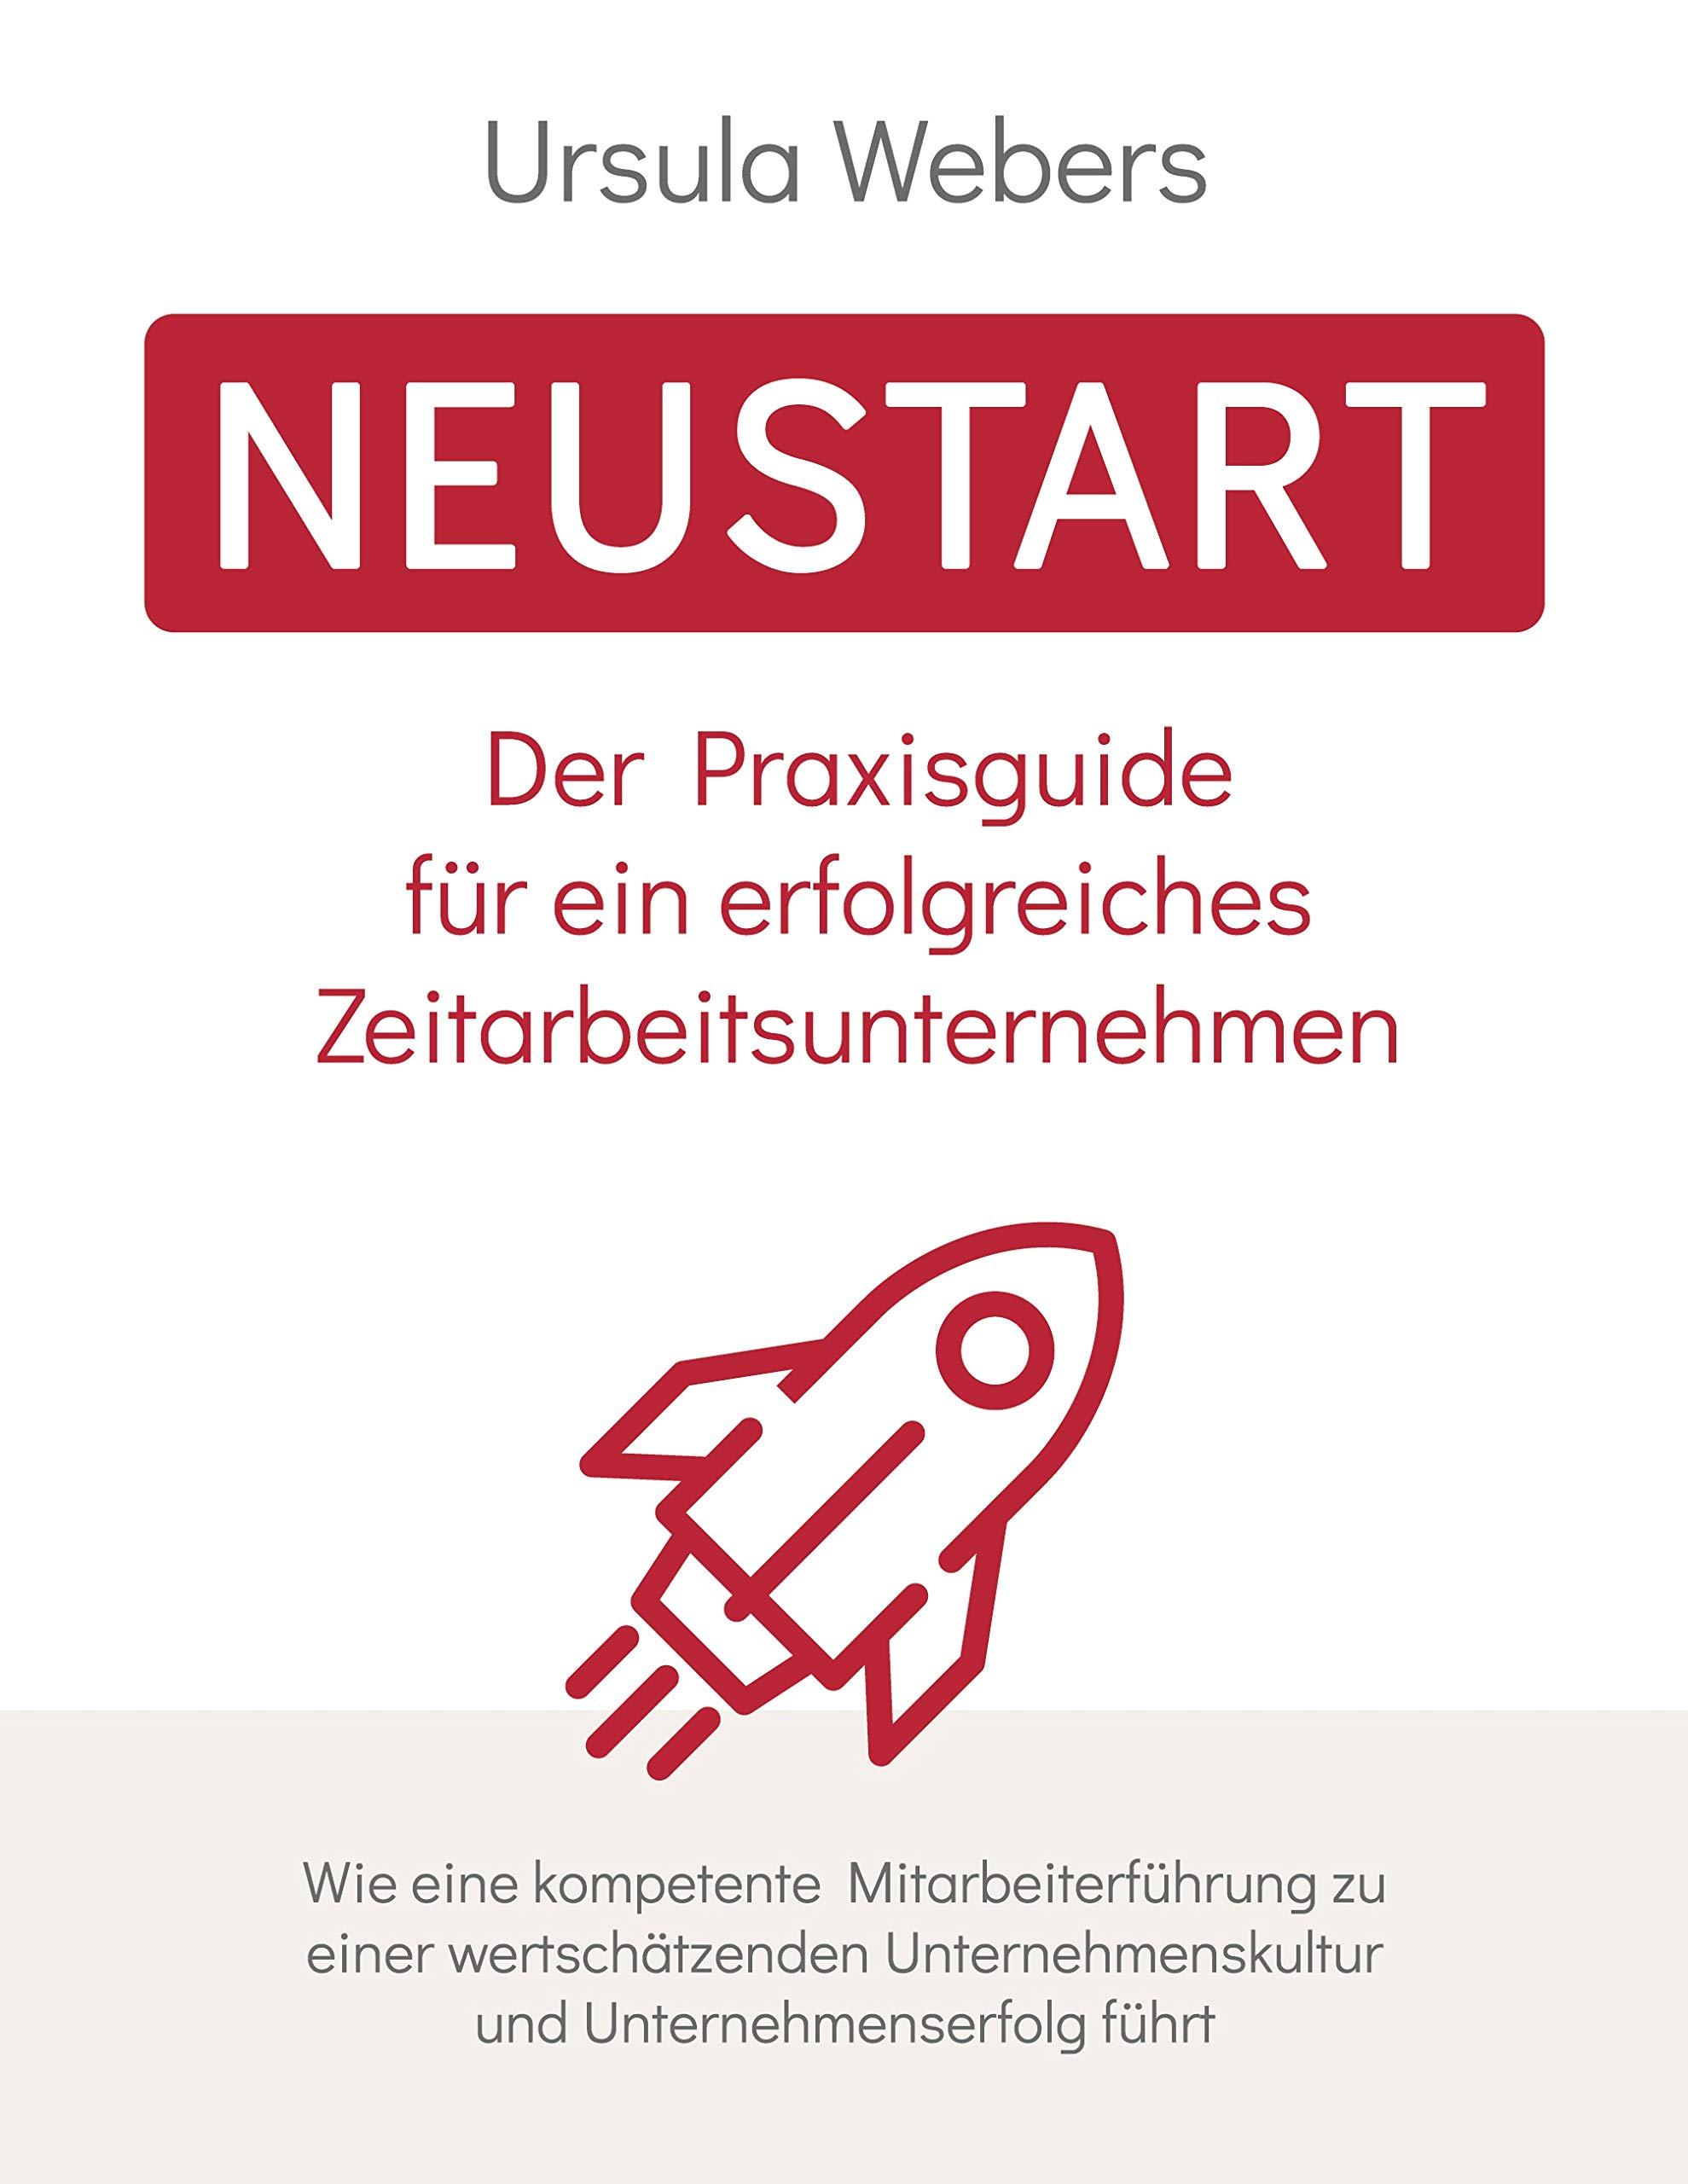 Neustart: Der Praxisguide für ein erfolgreiches Zeitarbeitsunternehmen (German Edition)